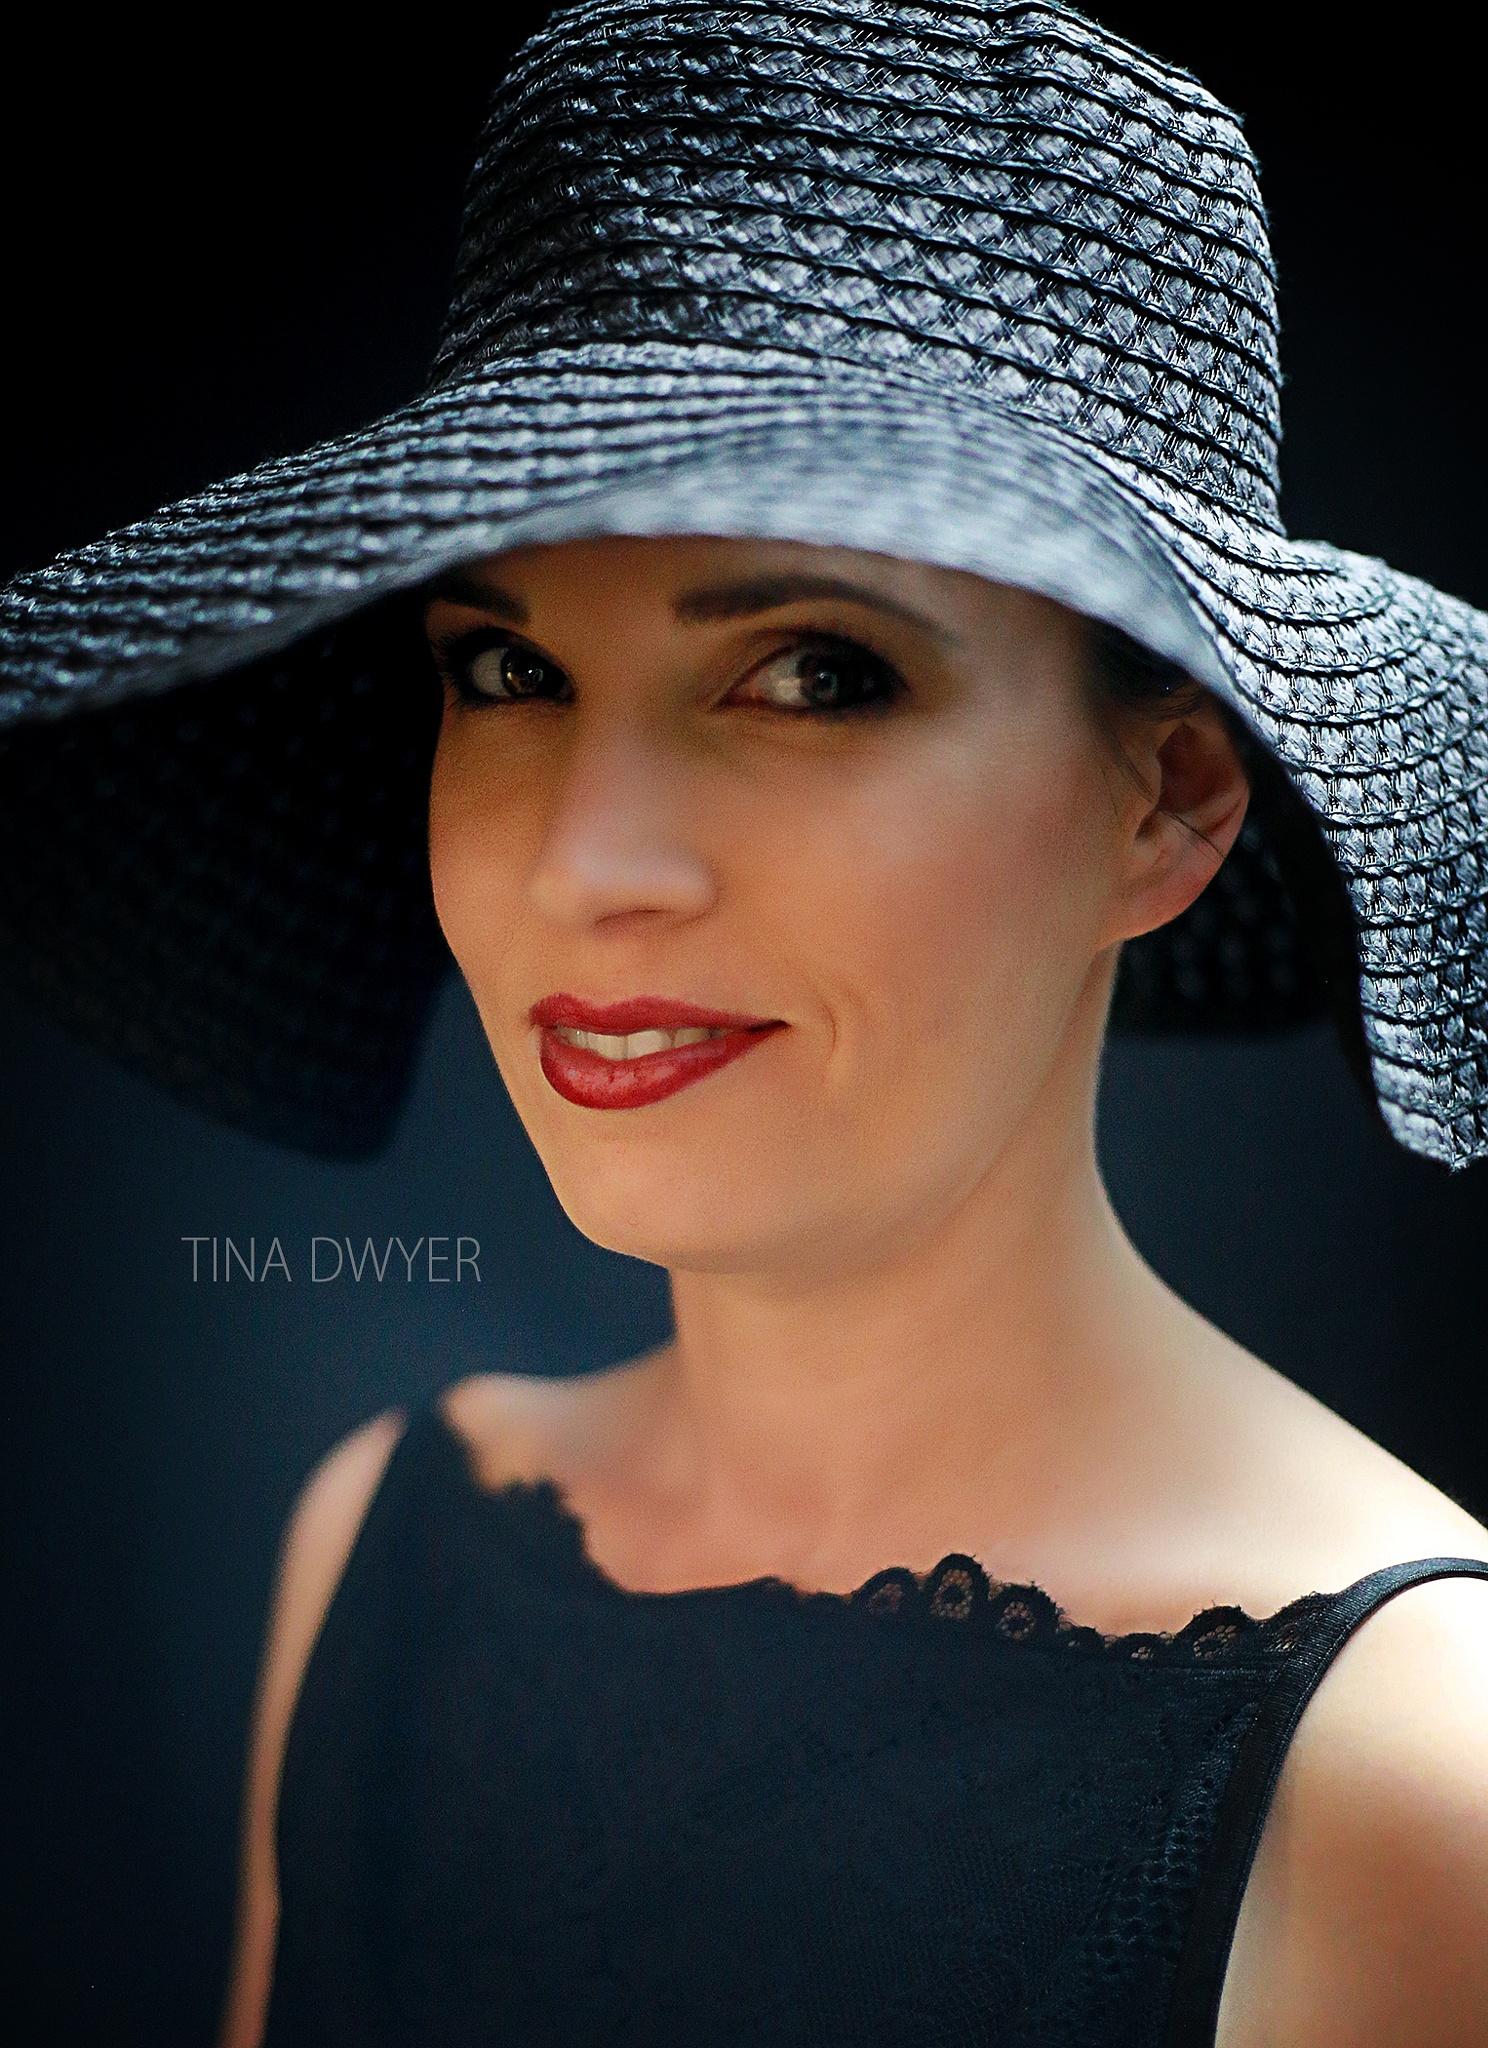 Faith by Tina Dwyer